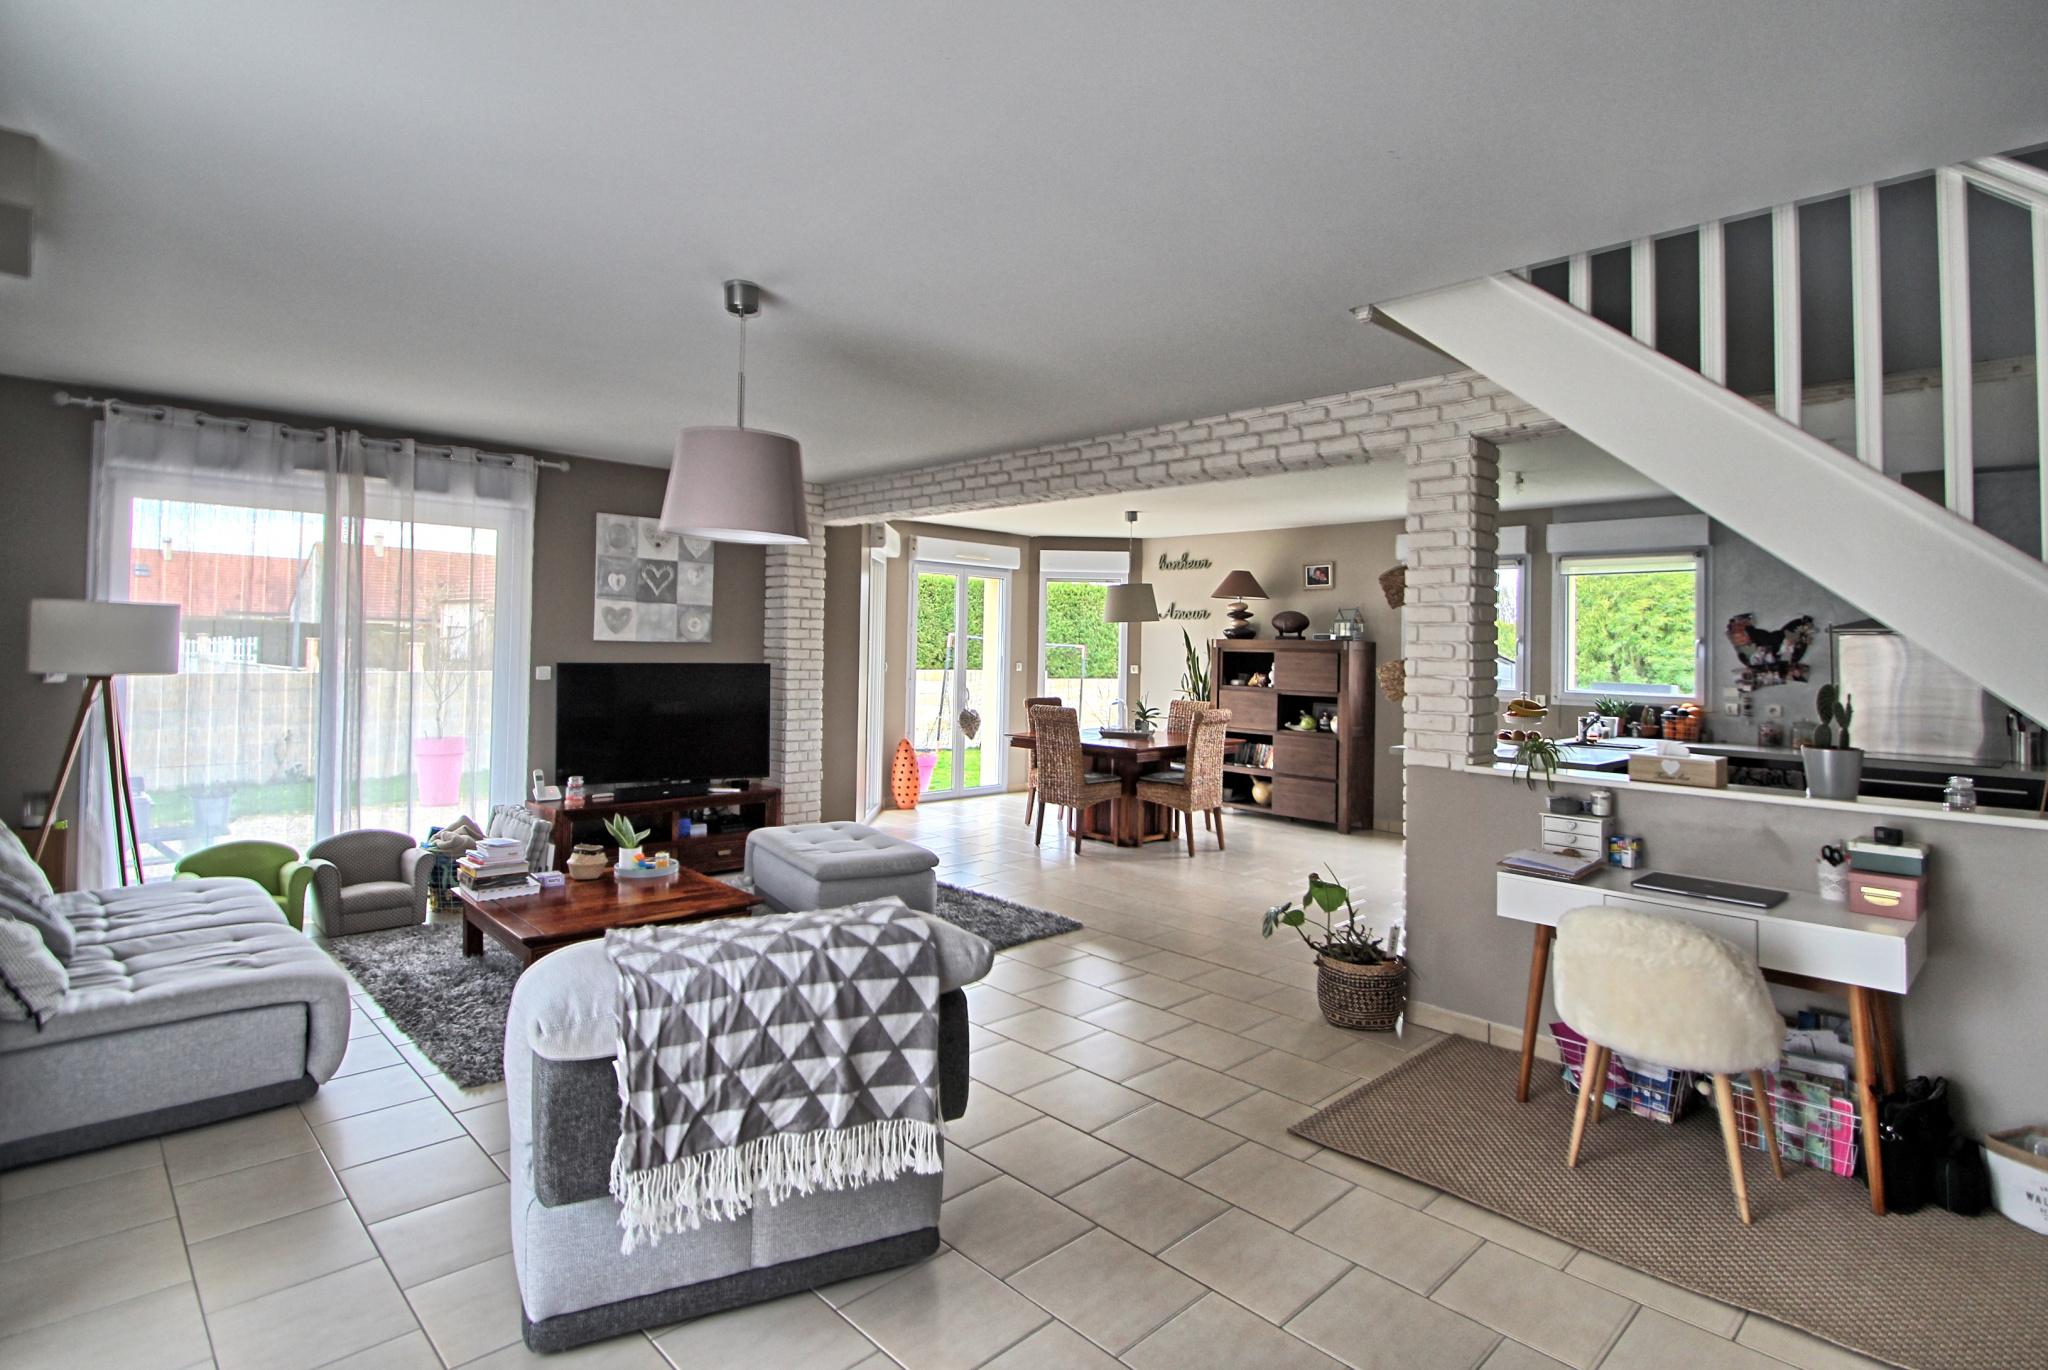 Vente maison/villa bessey les citeaux transco